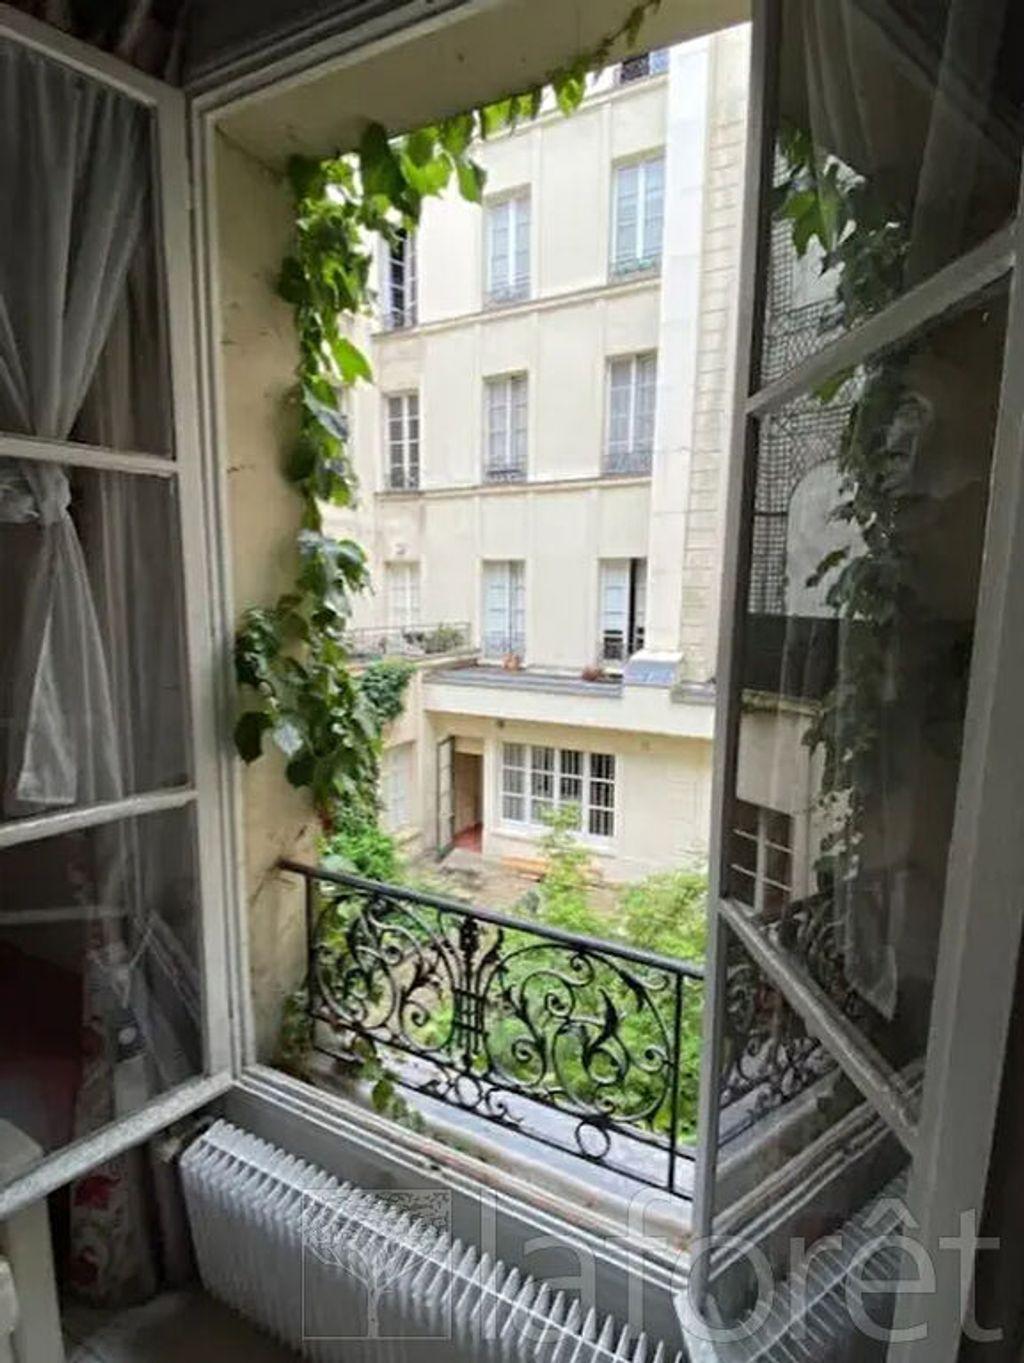 Achat appartement 2pièces 31m² - Paris 7ème arrondissement